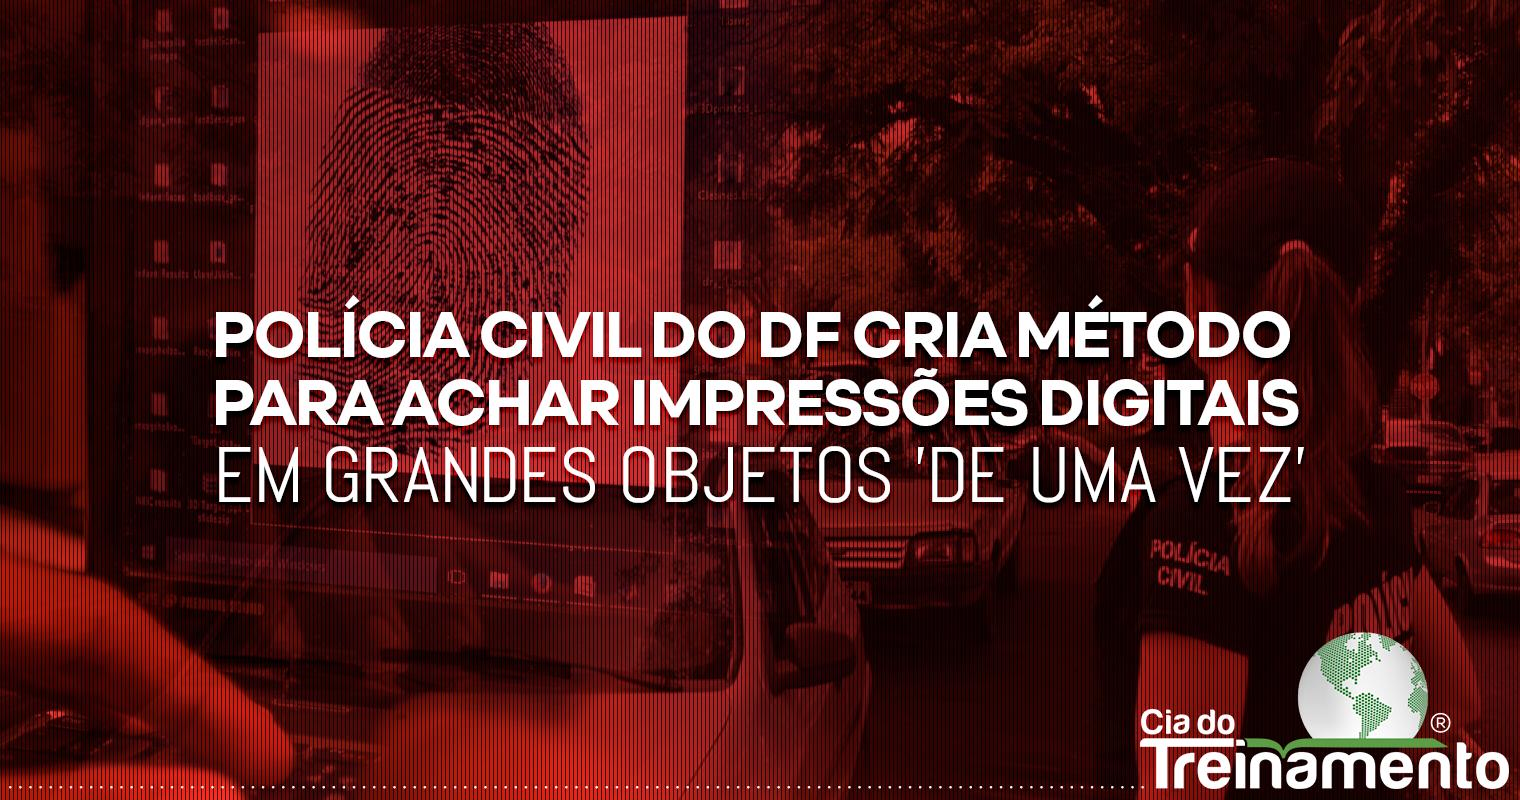 Polícia Civil do DF cria método para achar impressões digitais em grandes objetos 'de uma vez'; entenda